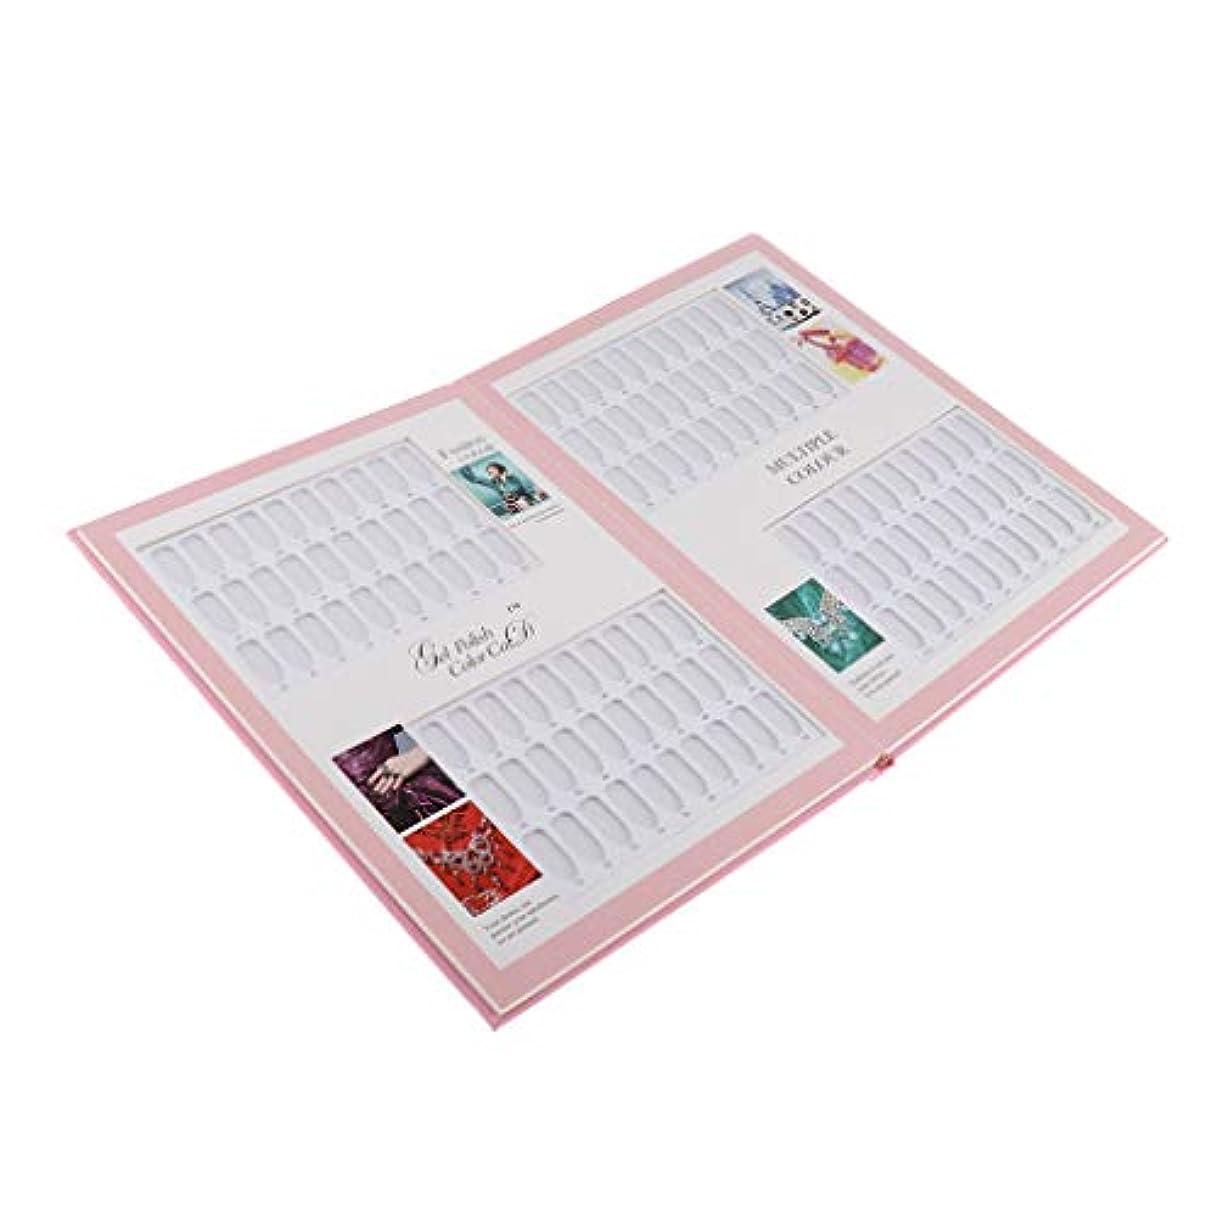 ロールほかにベリネイルカラーガイド ネイルアート マニキュア色見本 ネイルカラーカードブック ネイルディスプレイ 全3種 - 06